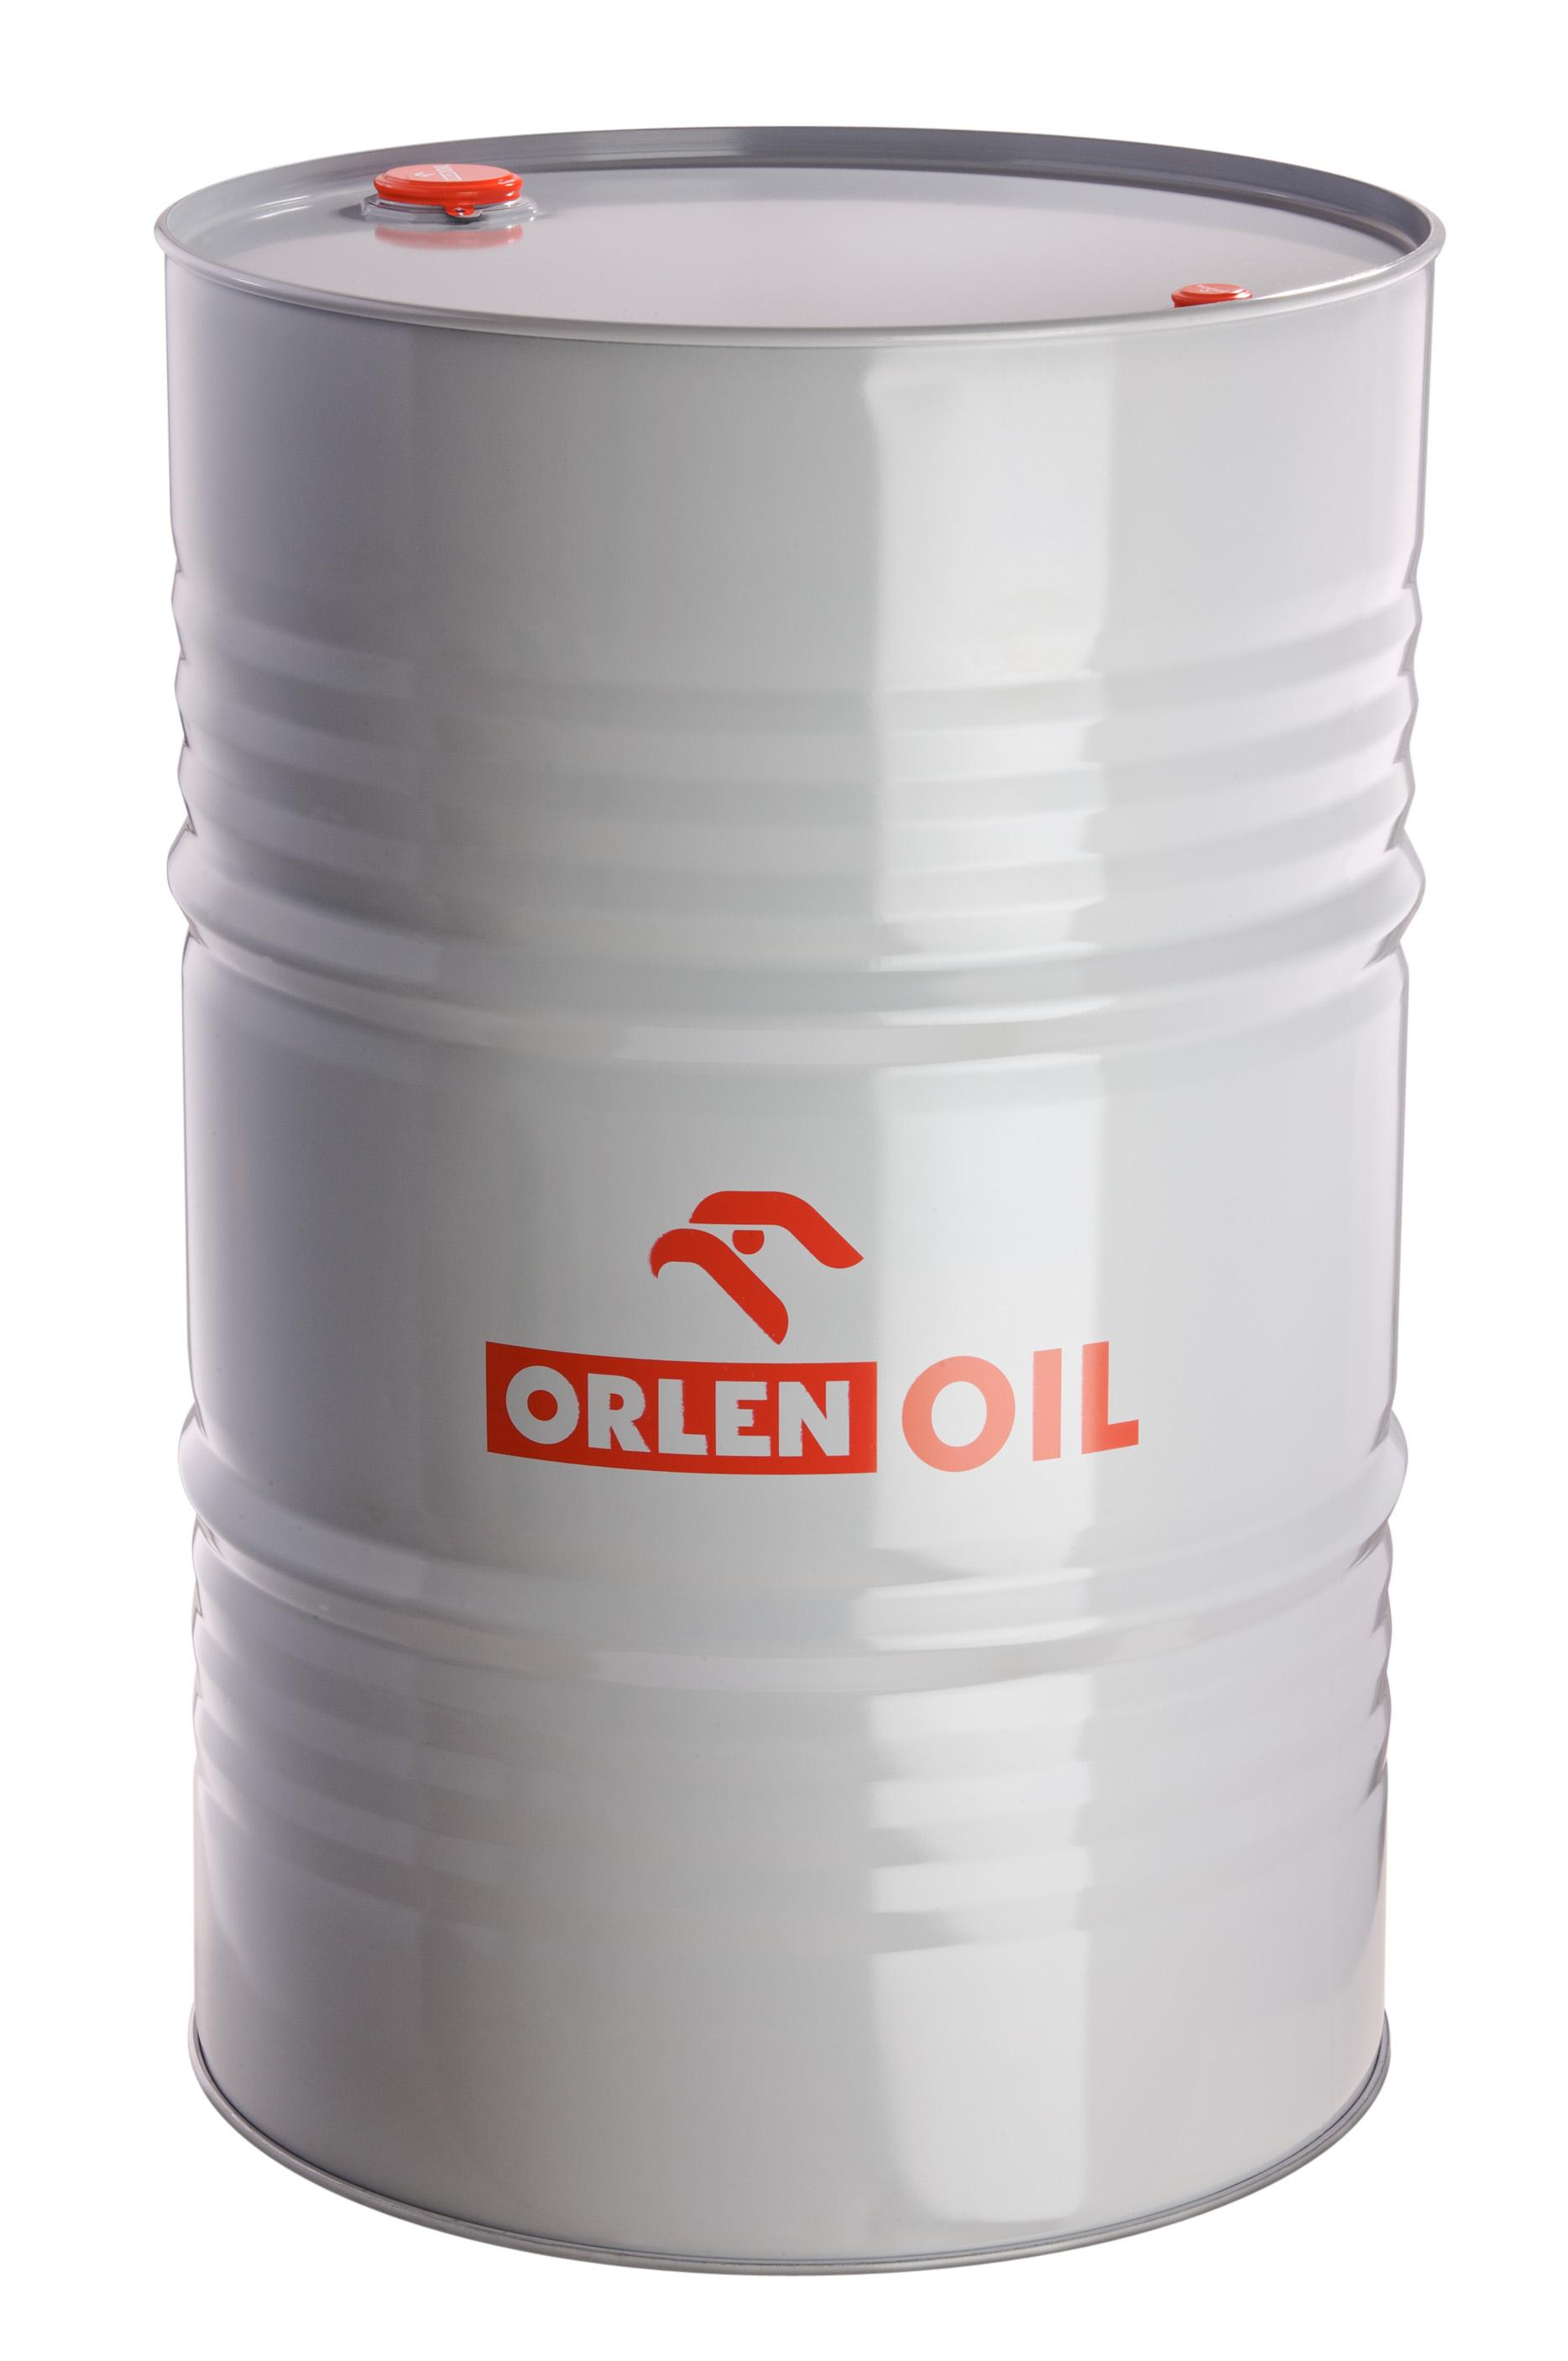 ORLEN OIL OH-160 M      BECZKA 205L